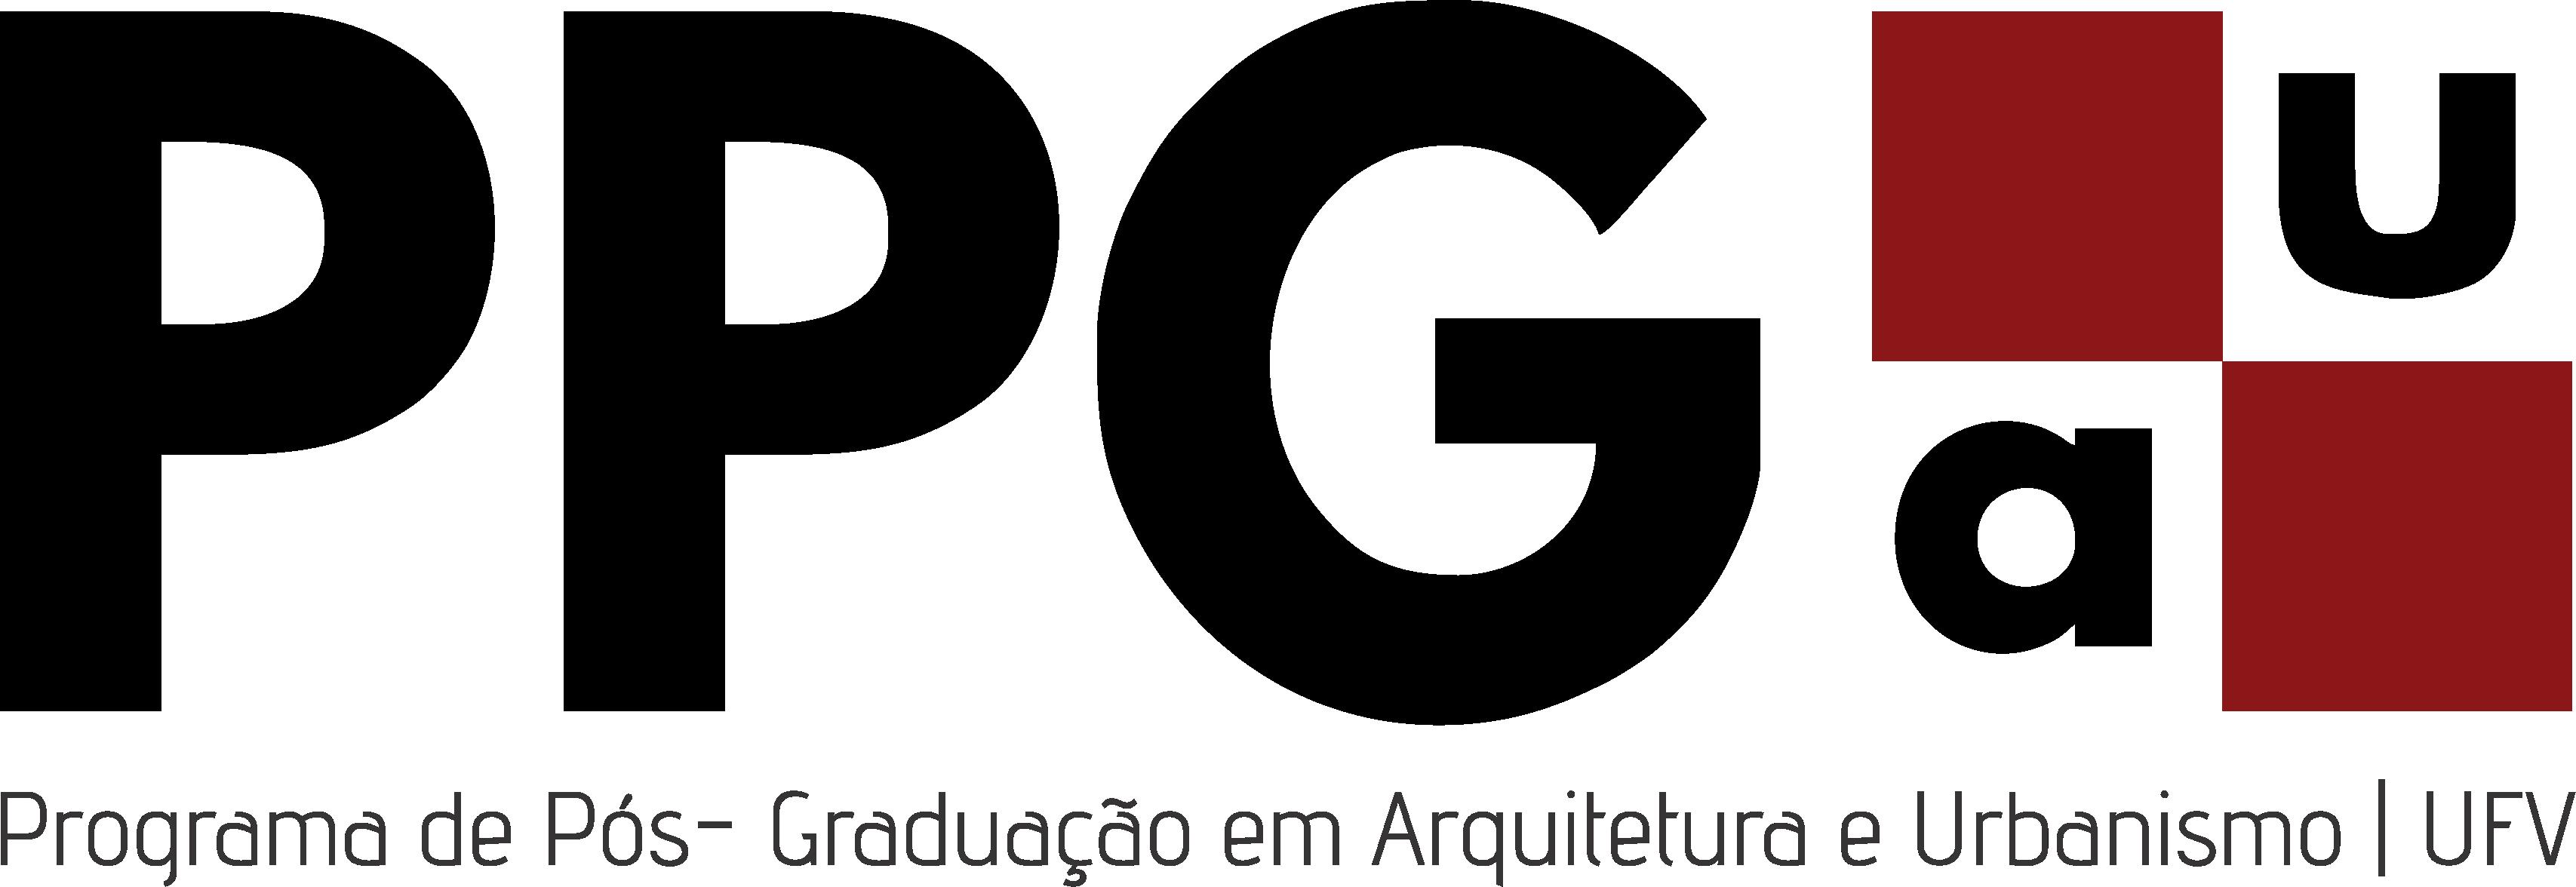 Departamento de Arquitetura e Urbanismo